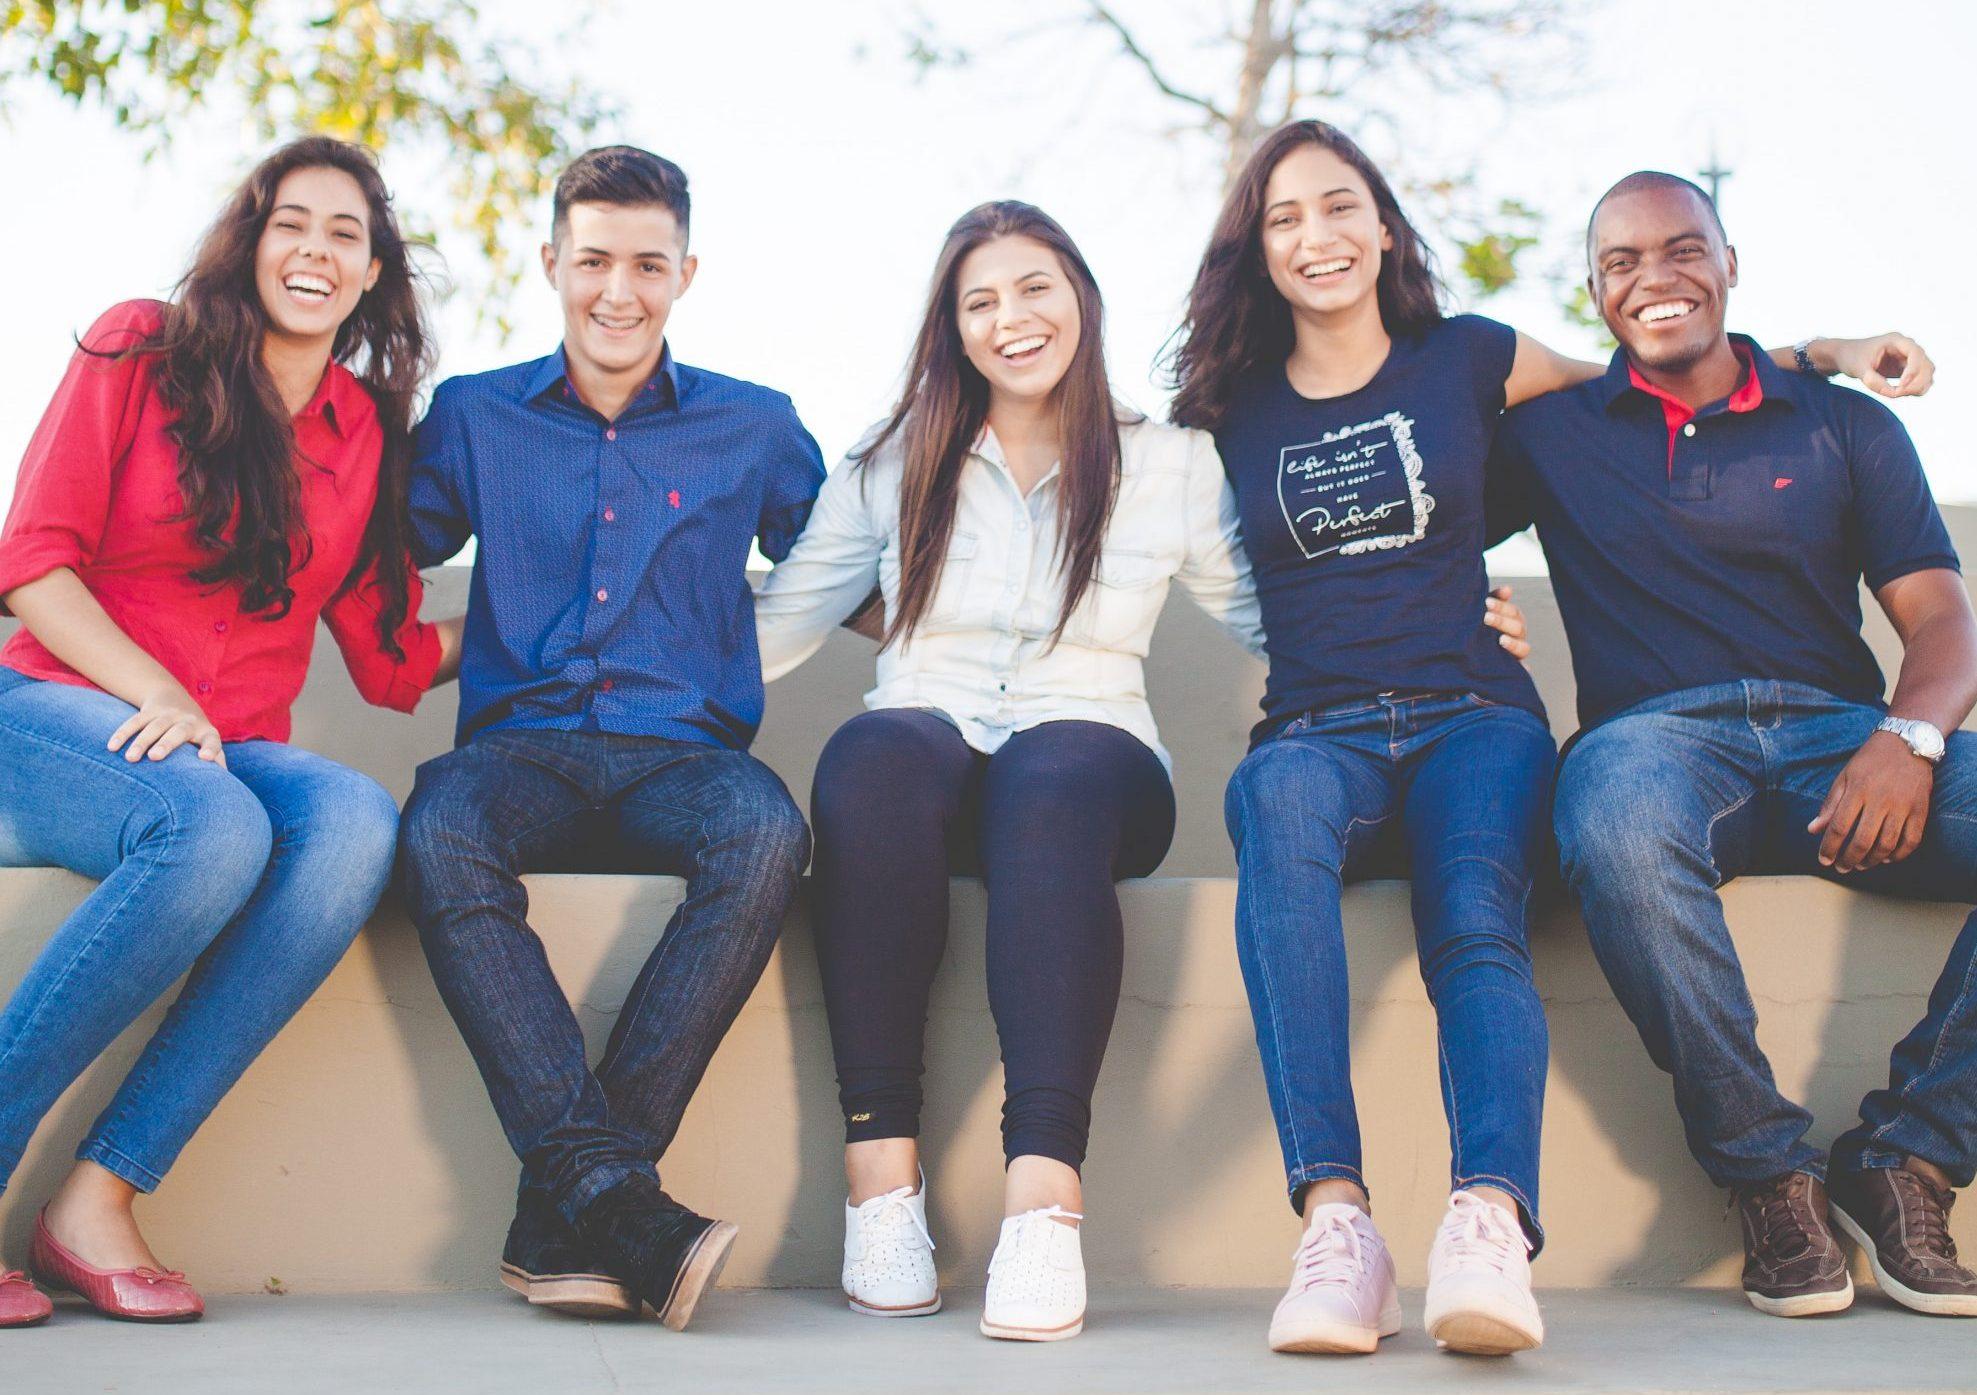 unge mennesker (Foto: Unsplash)